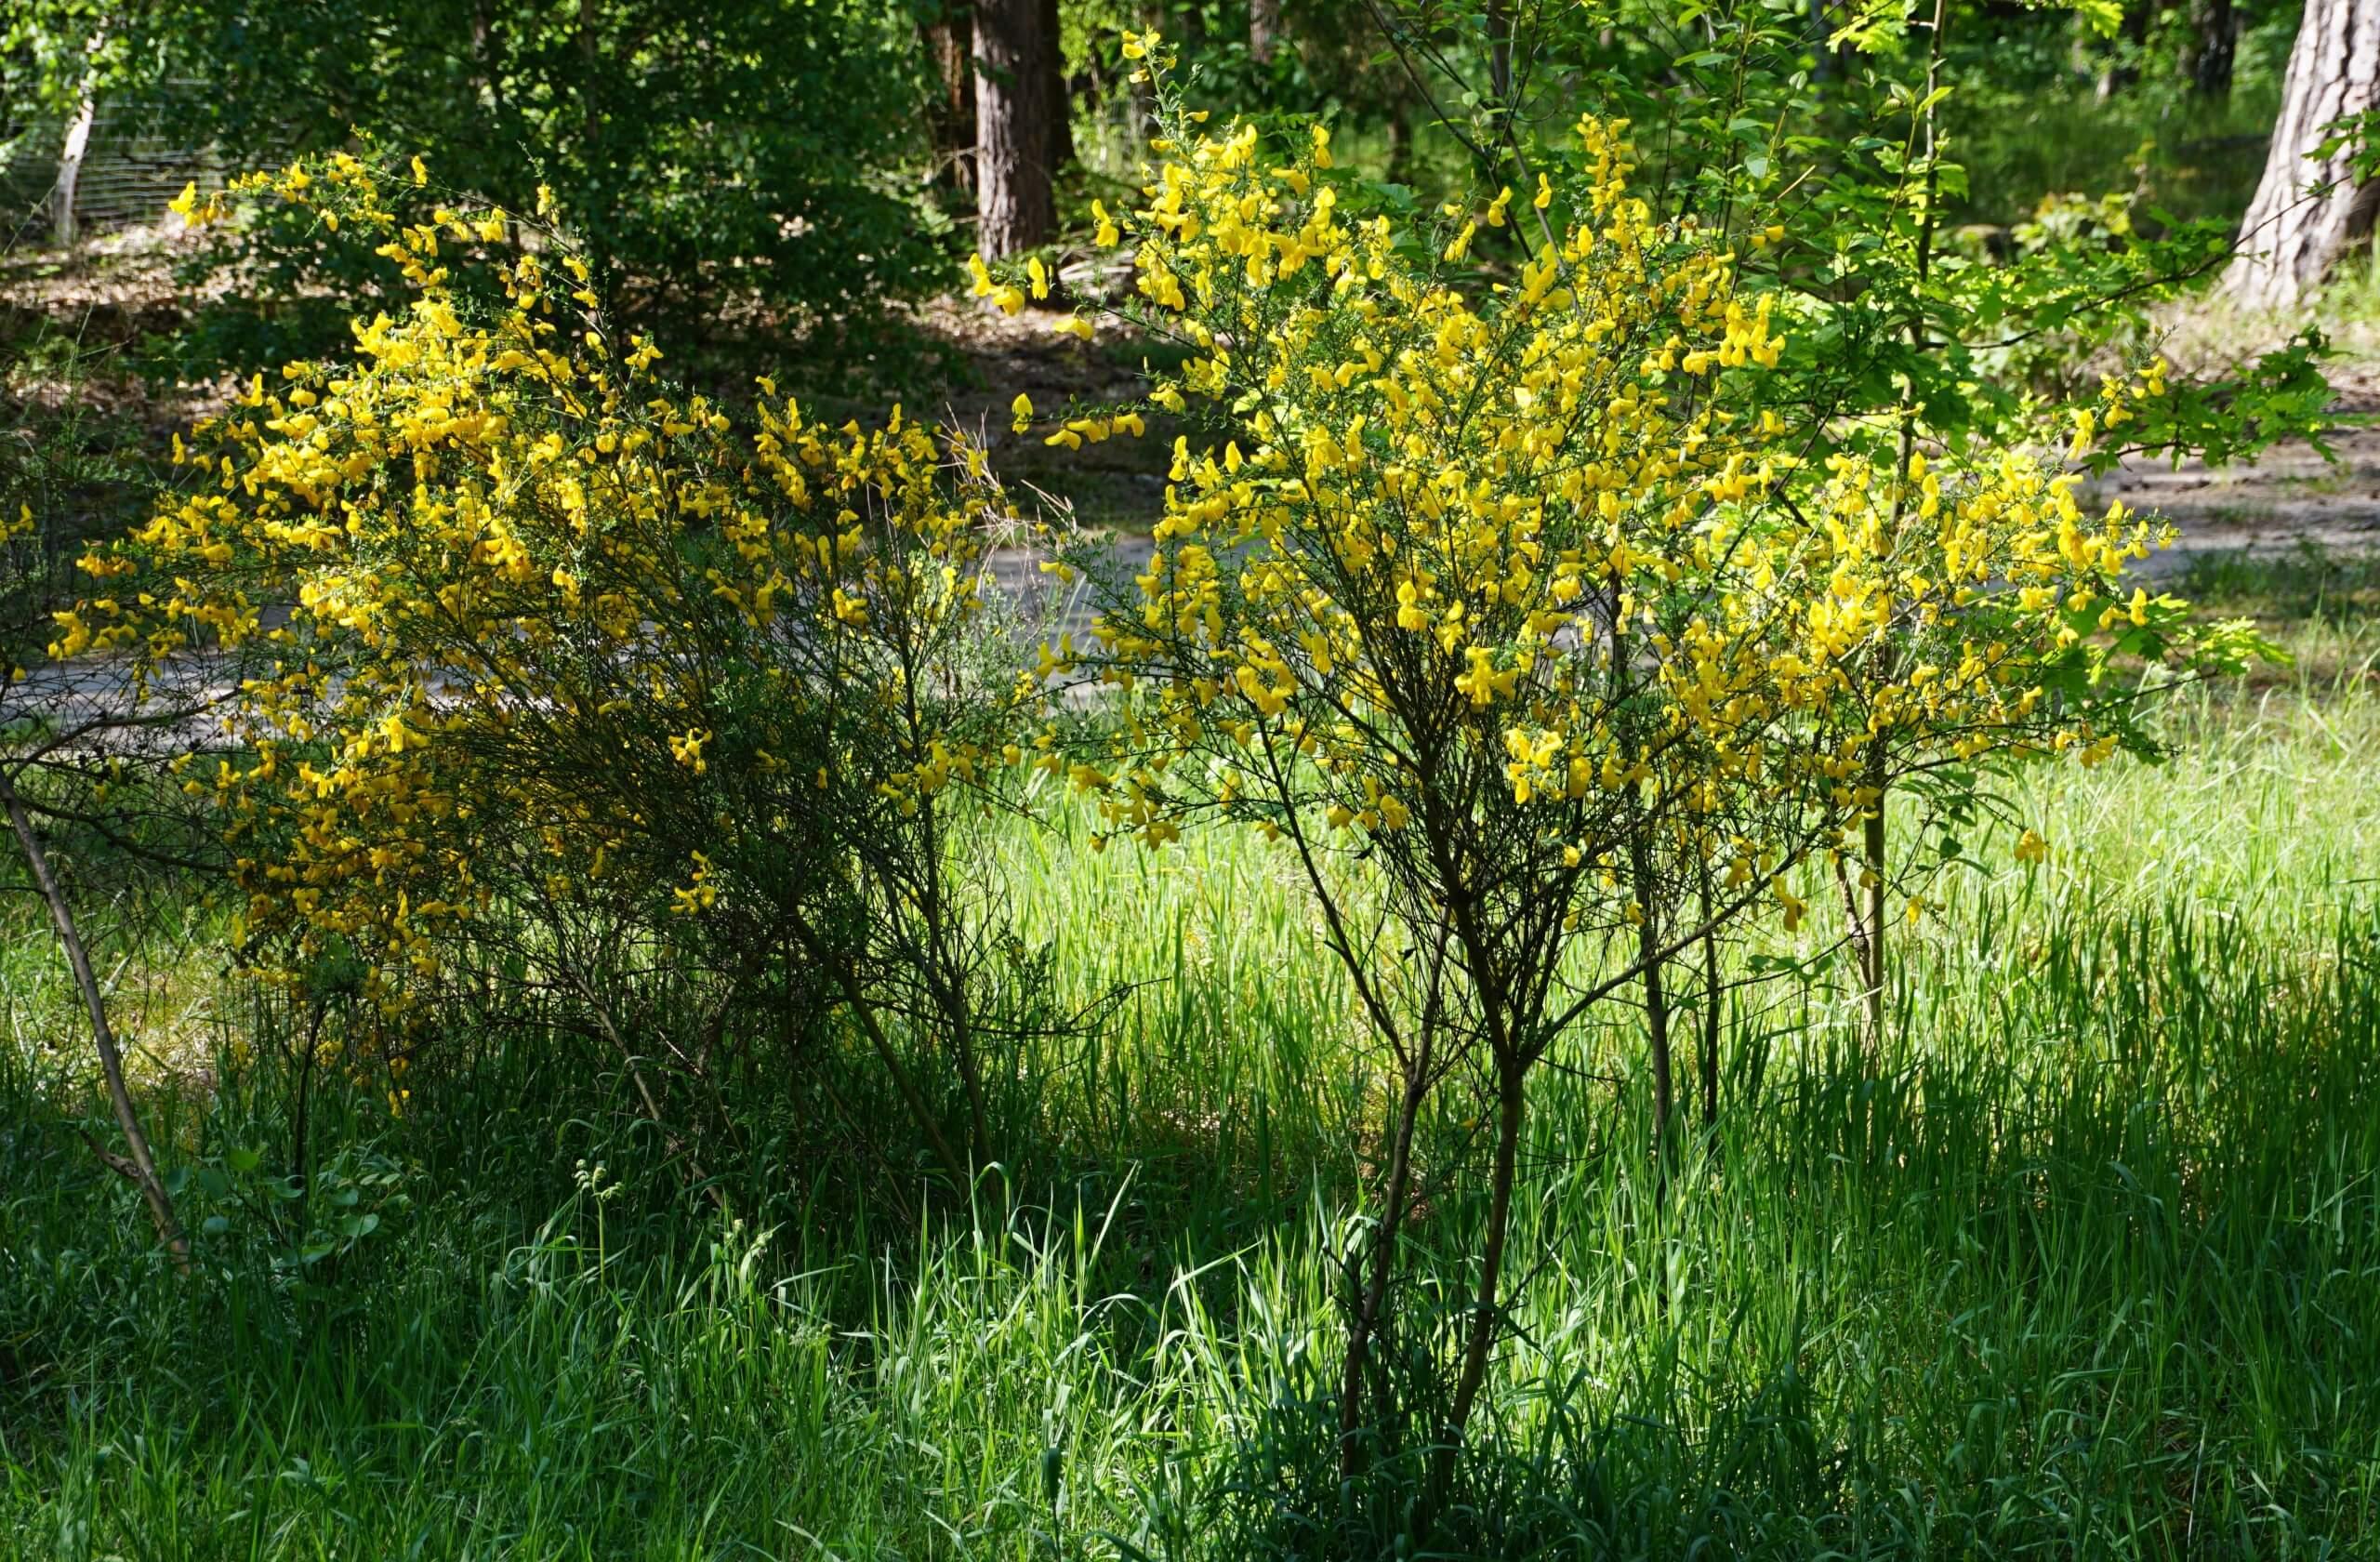 Das Bild zeigt krautige Sträucher des Besenginsters auf einem lichten Streifen, der einer Brunnengalerie folgt. Das Areal befindet sich zwischen Langem See und Müggelberge. Hier zur Blüte Ende Mai 2021.